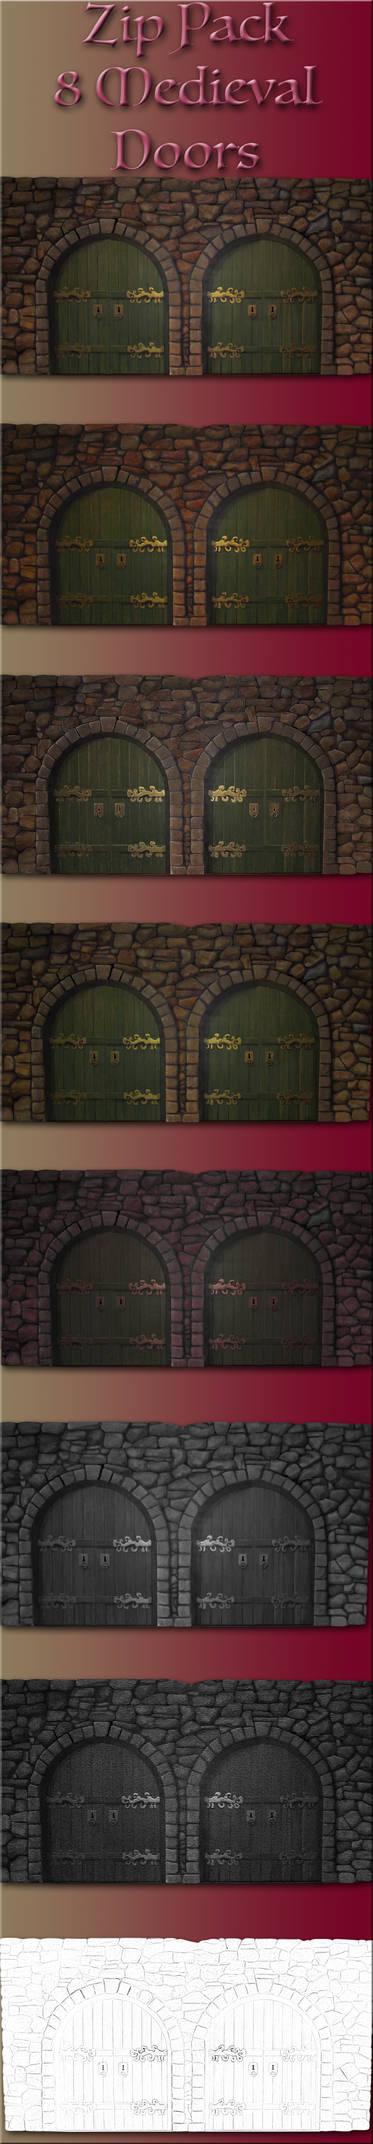 Zip Pack 8 Medieval Doors